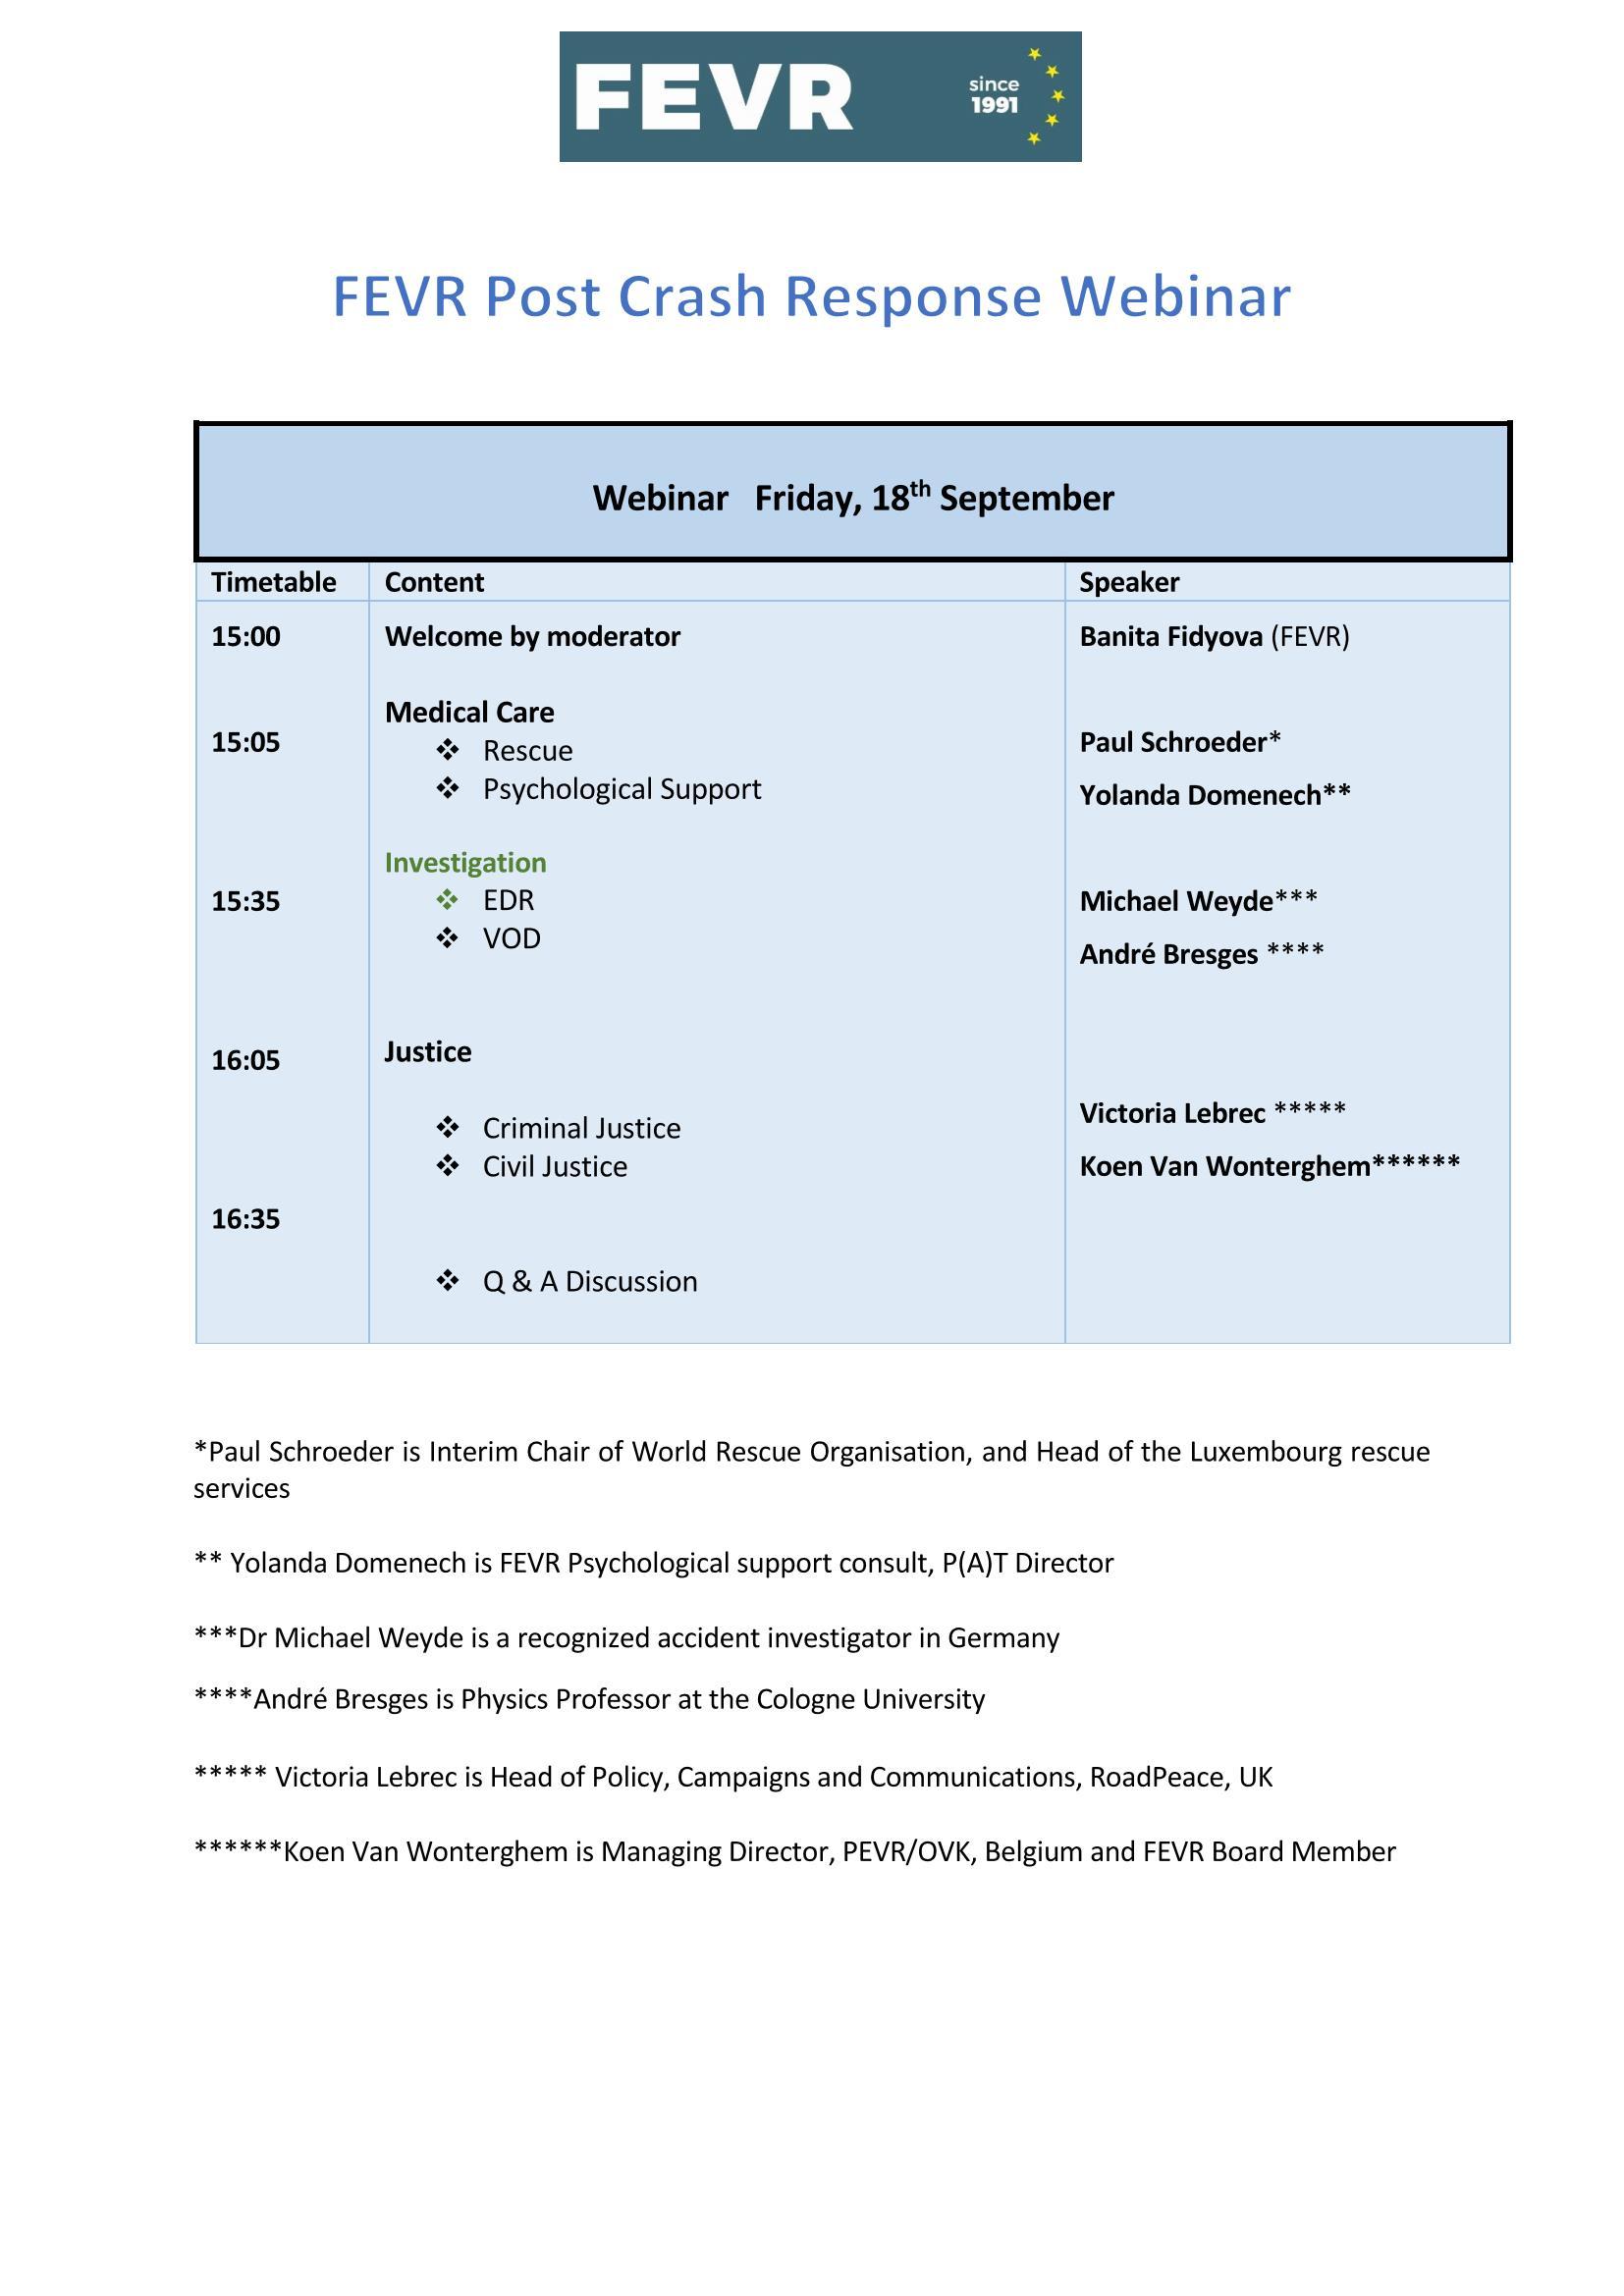 Agenda FEVR webinar Sept 18. ok